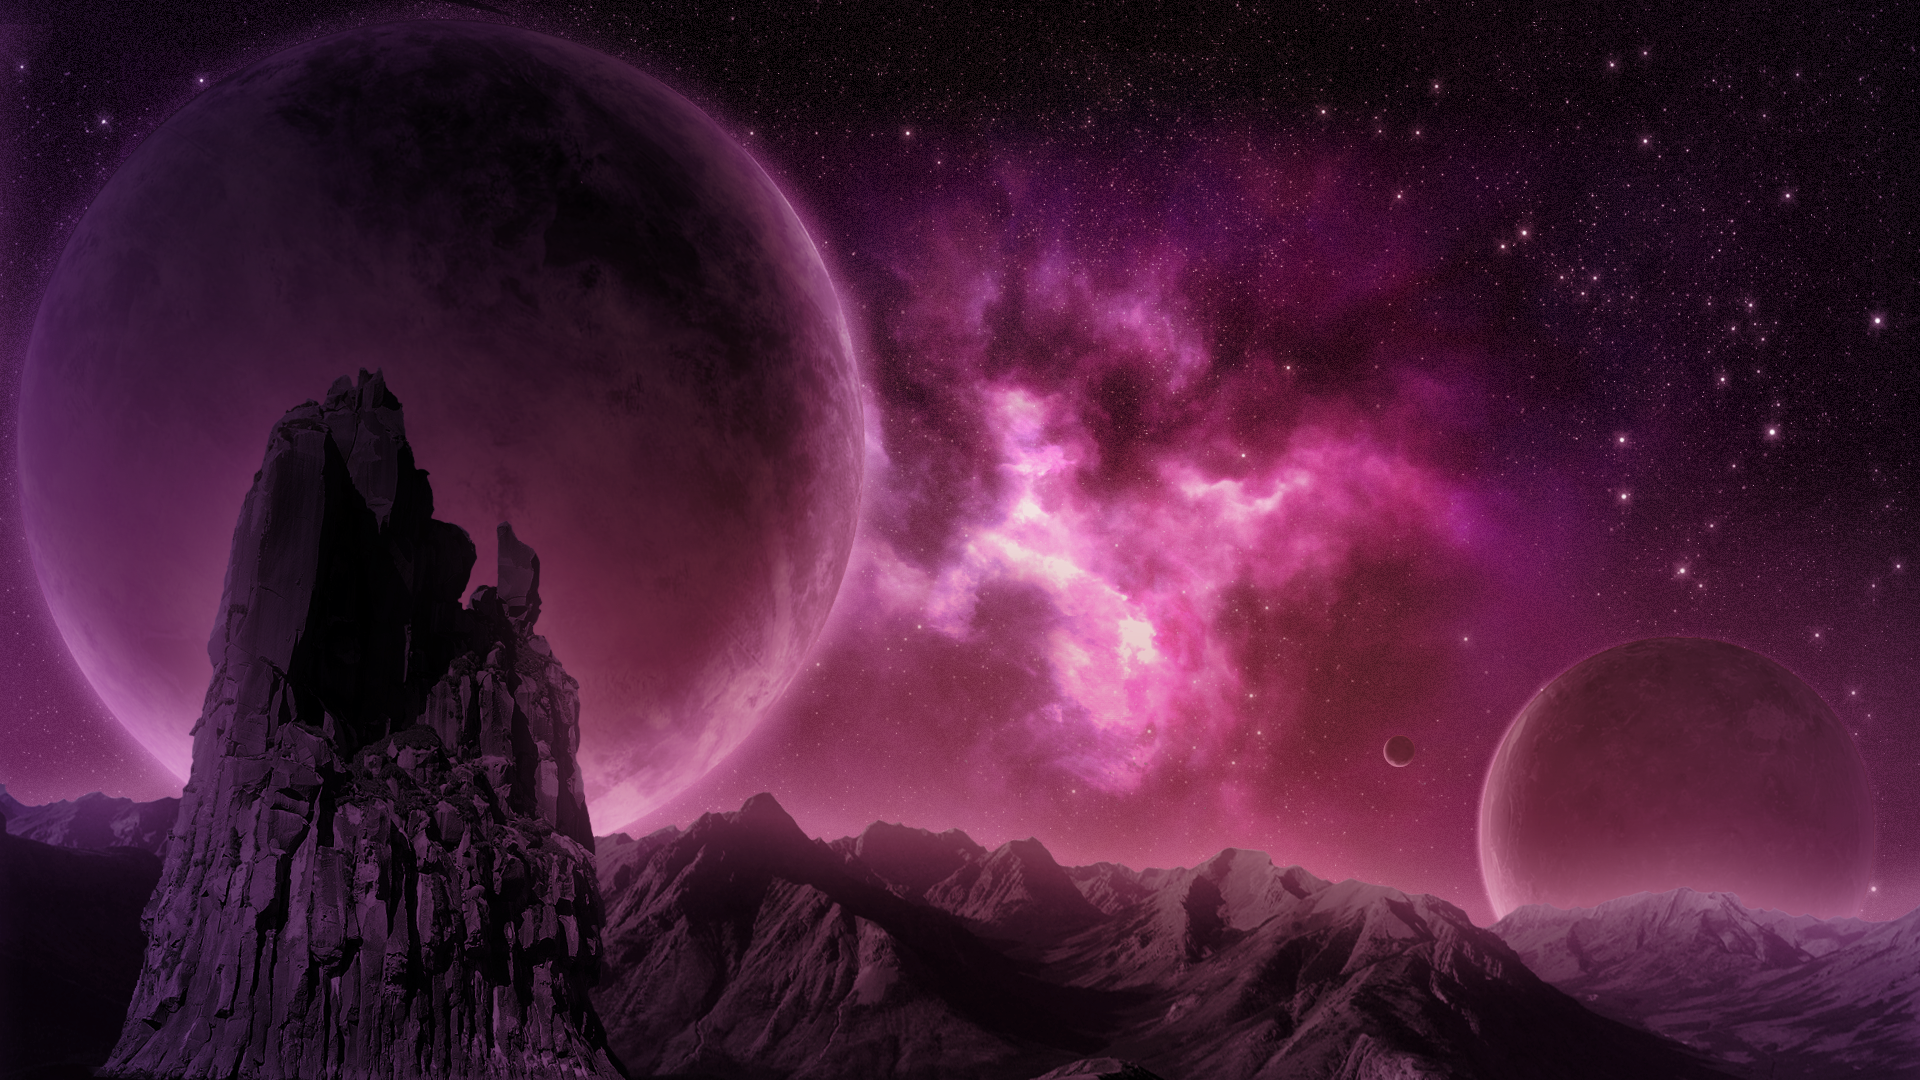 pink nebula galaxy space wallpaper - photo #26